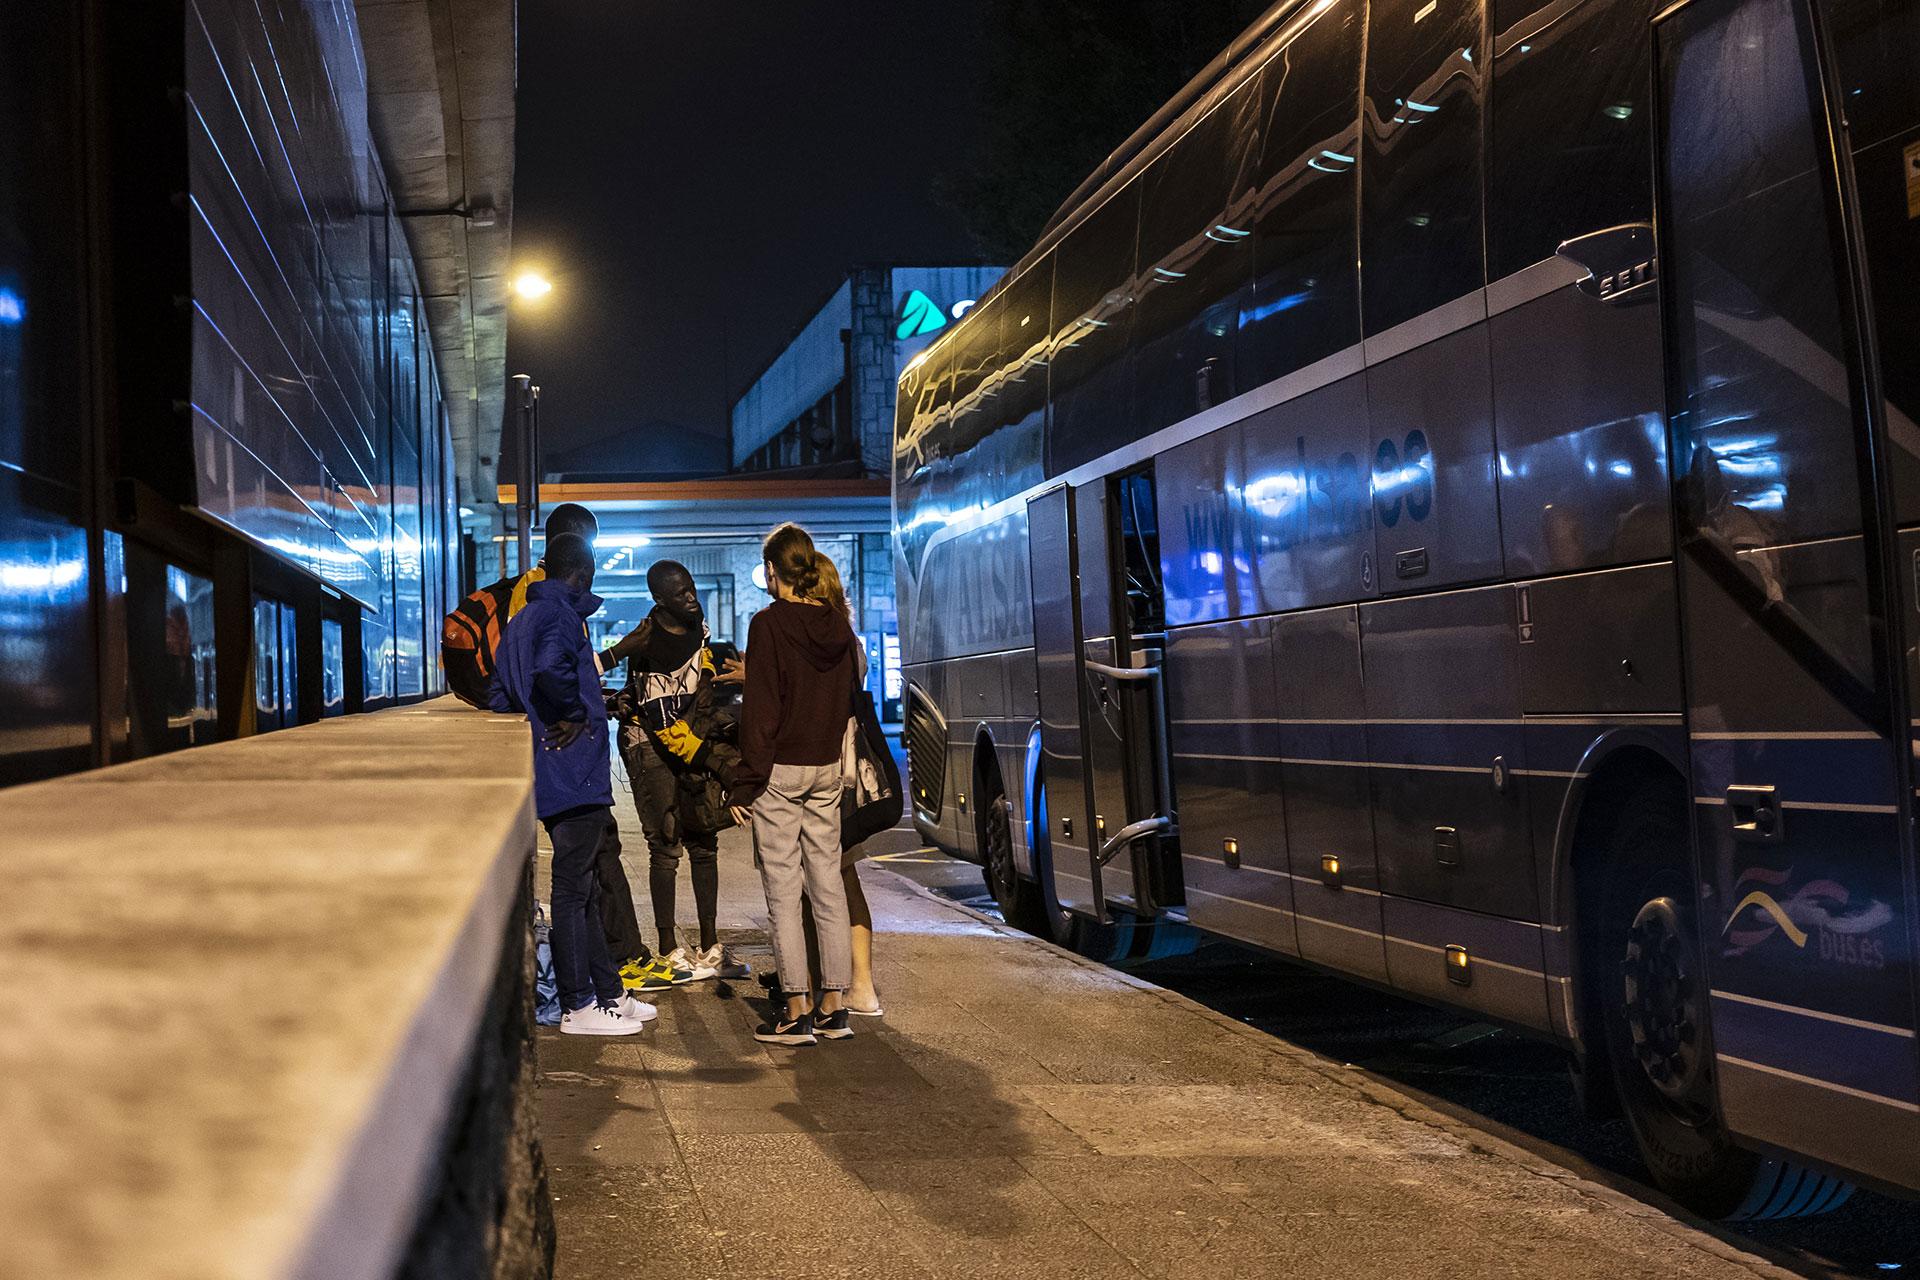 Miembros de Irungo Harrera Sarea hablan con un joven que acaba de llegar a la estación de autobuses de Irún, 17 de Septiembre de 2019.